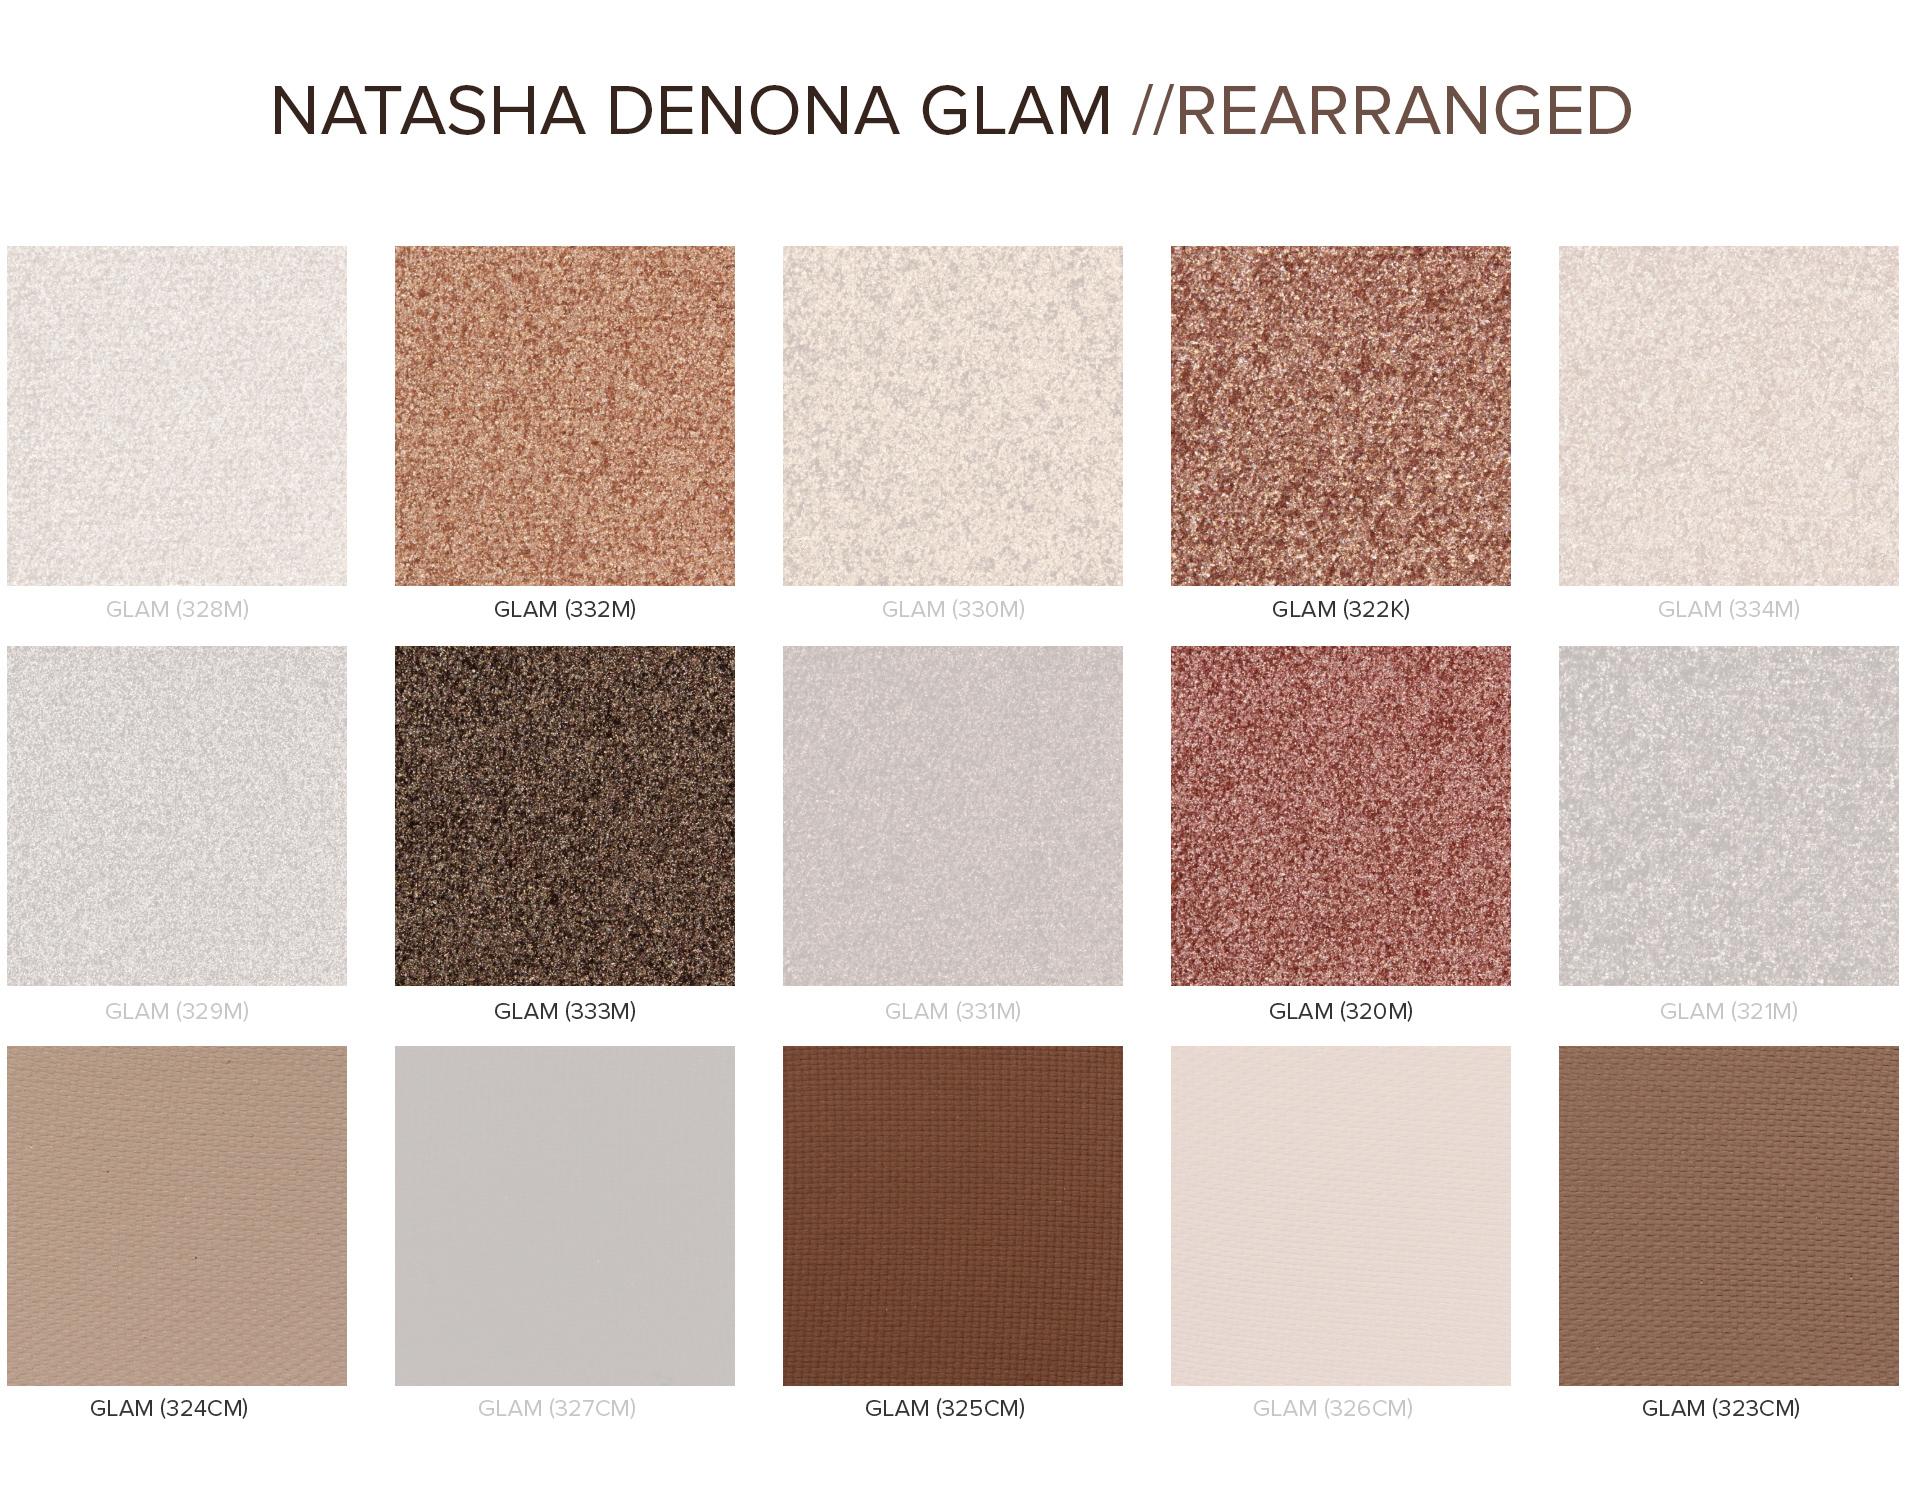 Natasha Denona Glam - Rearranged